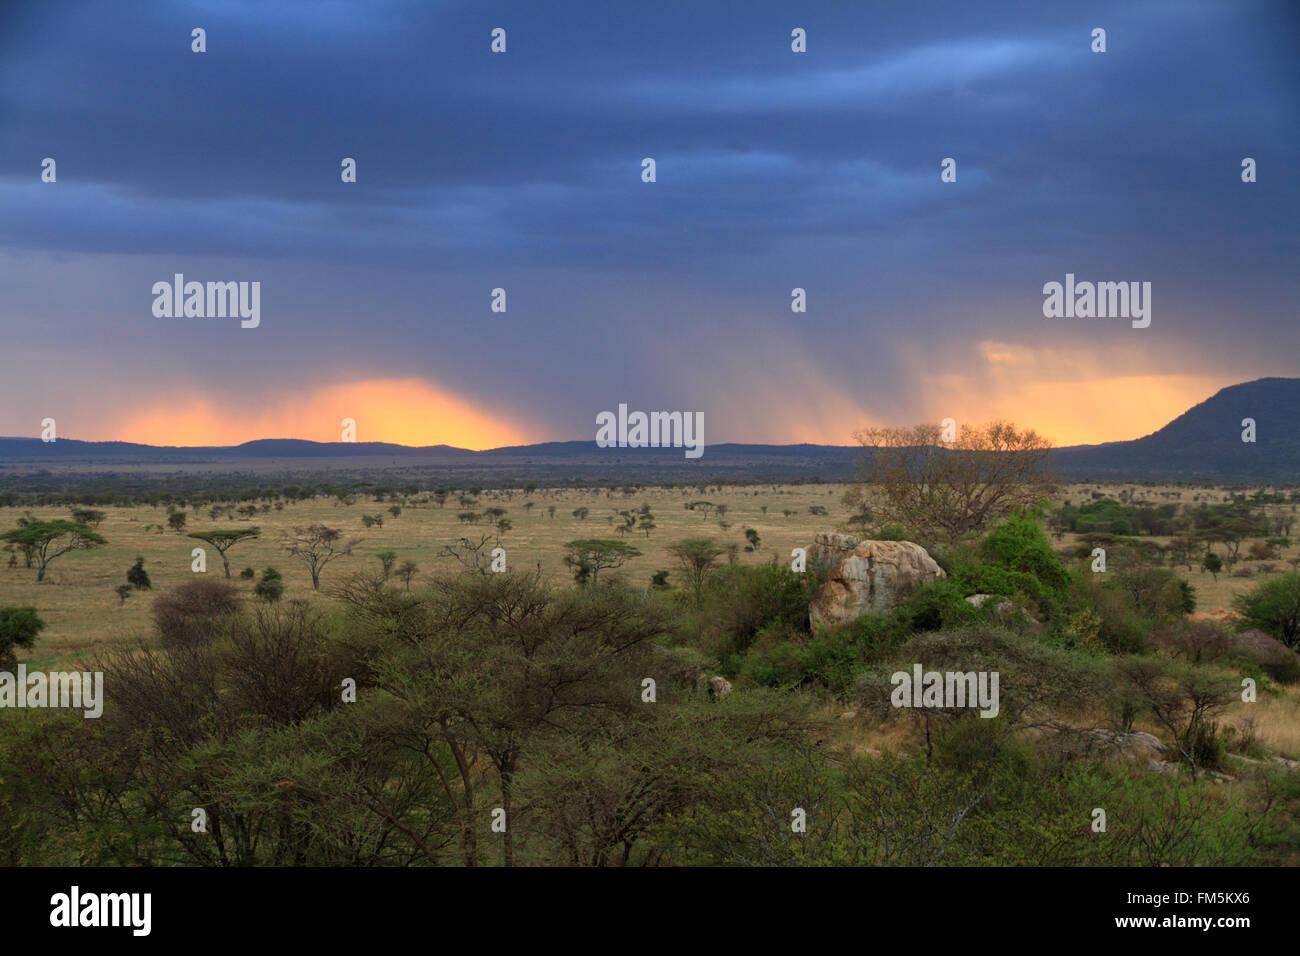 Un coucher de soleil à travers des nuages de pluie sur la savane africaine Photo Stock